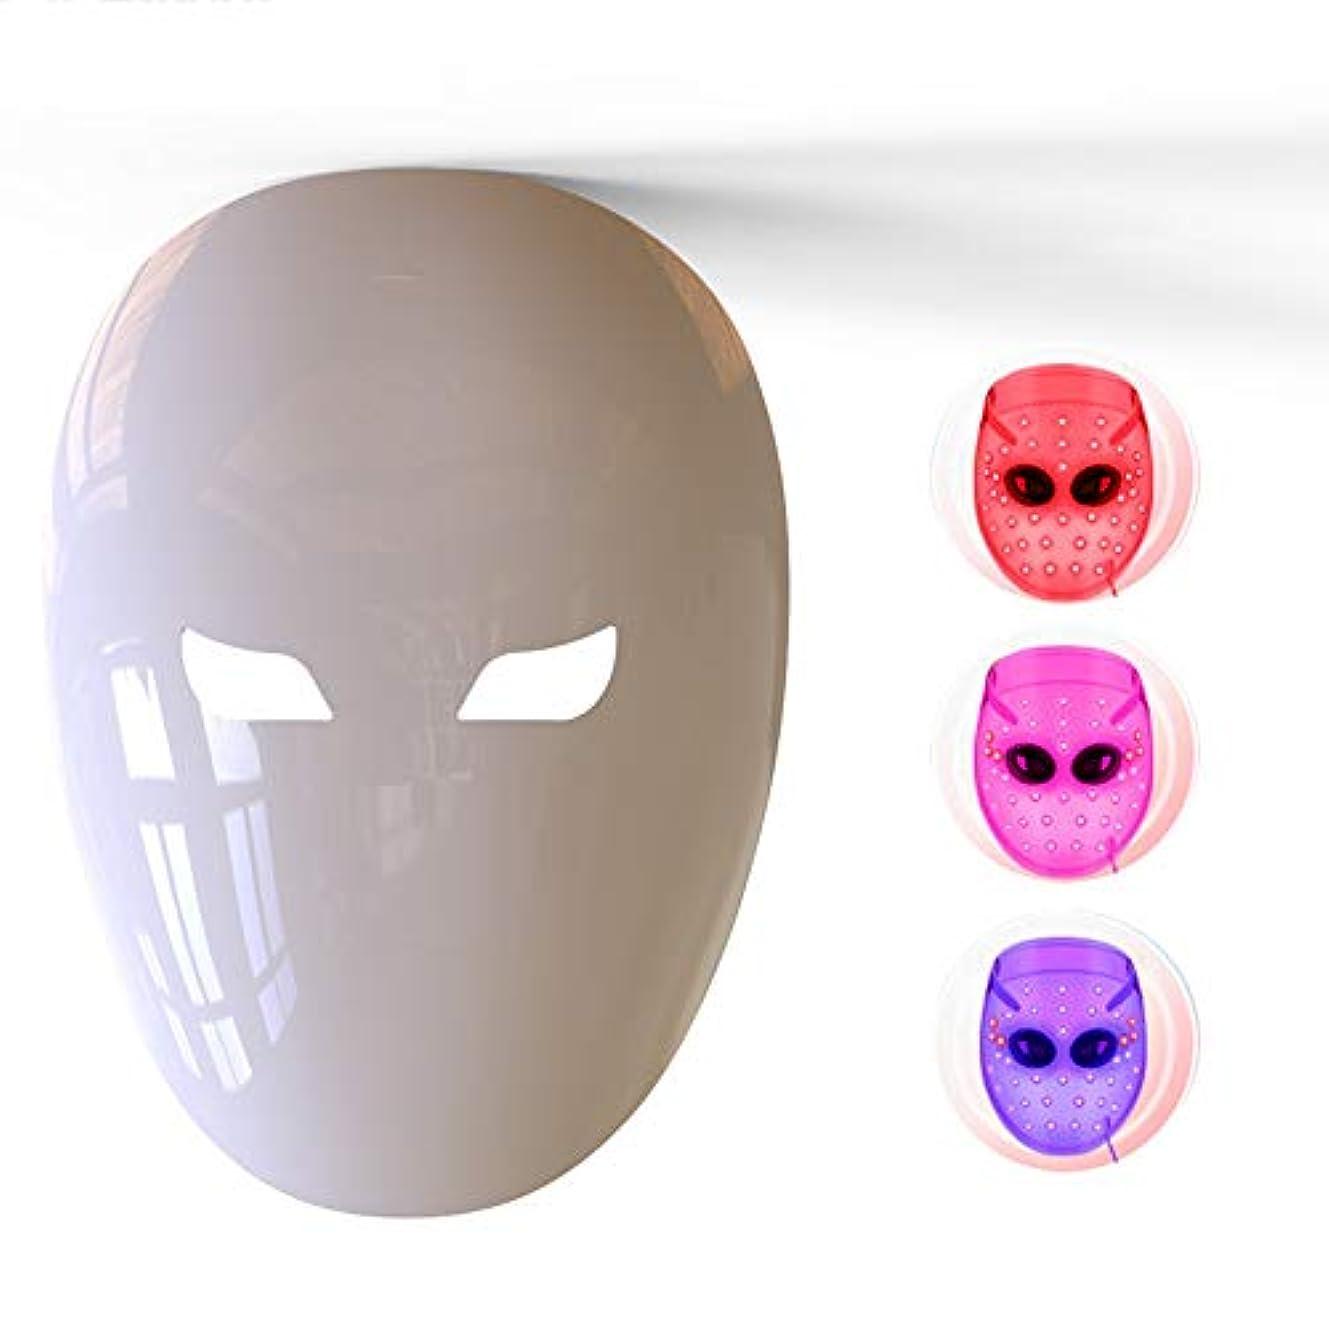 ジェムデータベース静めるフェイスマスク、4色LEDの若返り、健康な肌の若返りのためのにきび、アンチエイジング、しわ、瘢痕化、肌の引き締め